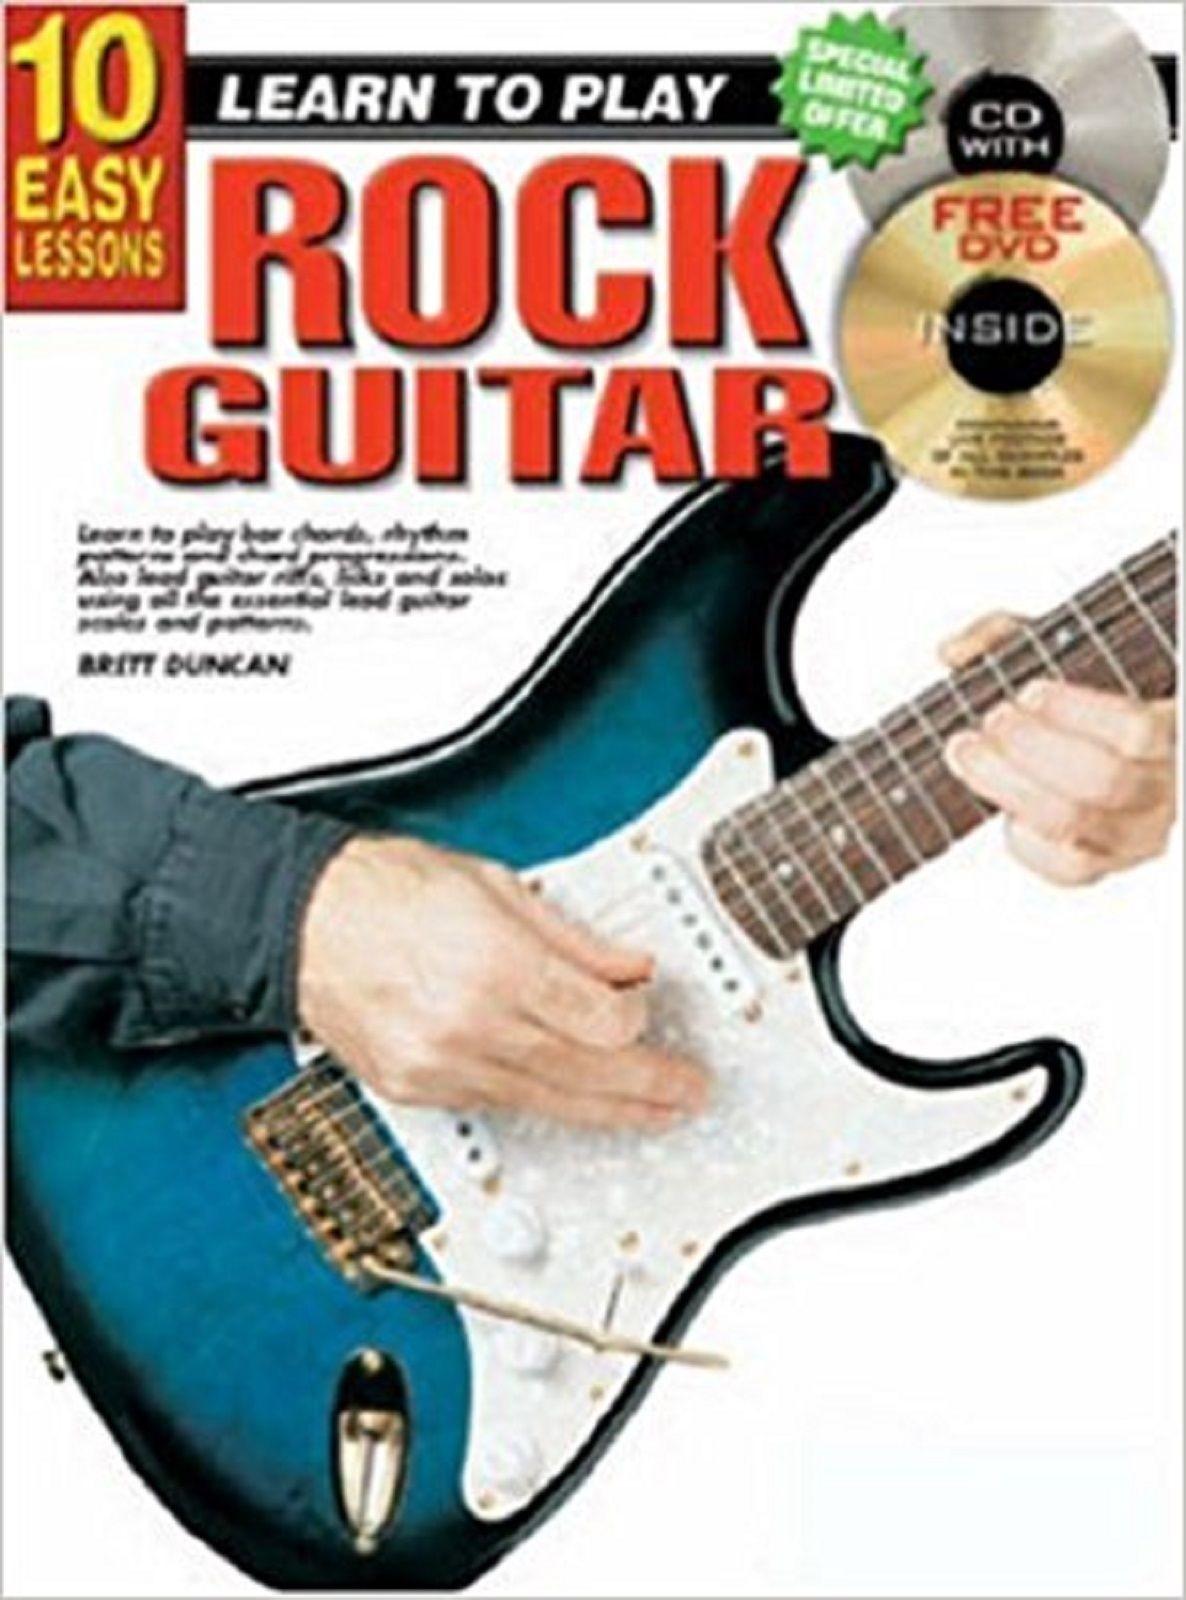 10 Easy Lessons Rock Guitar Book CD DVD Learn Play Tutor Brett Duncan B62 S151